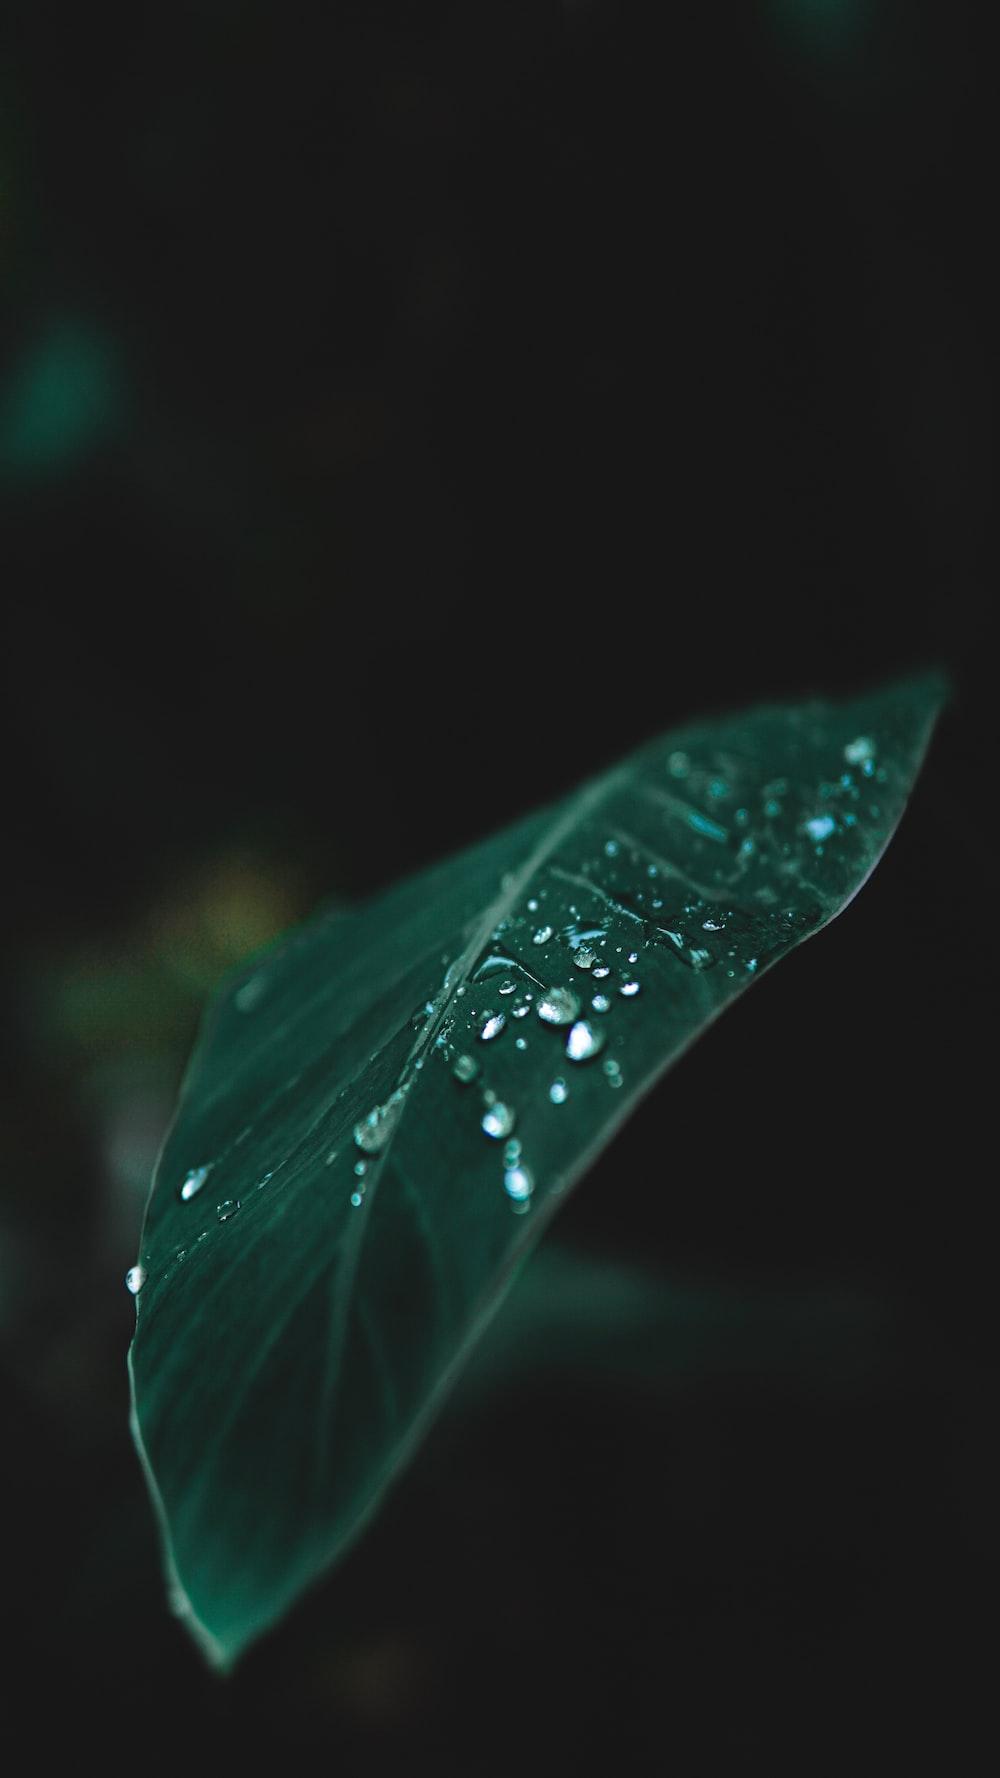 dew drops on green leaf